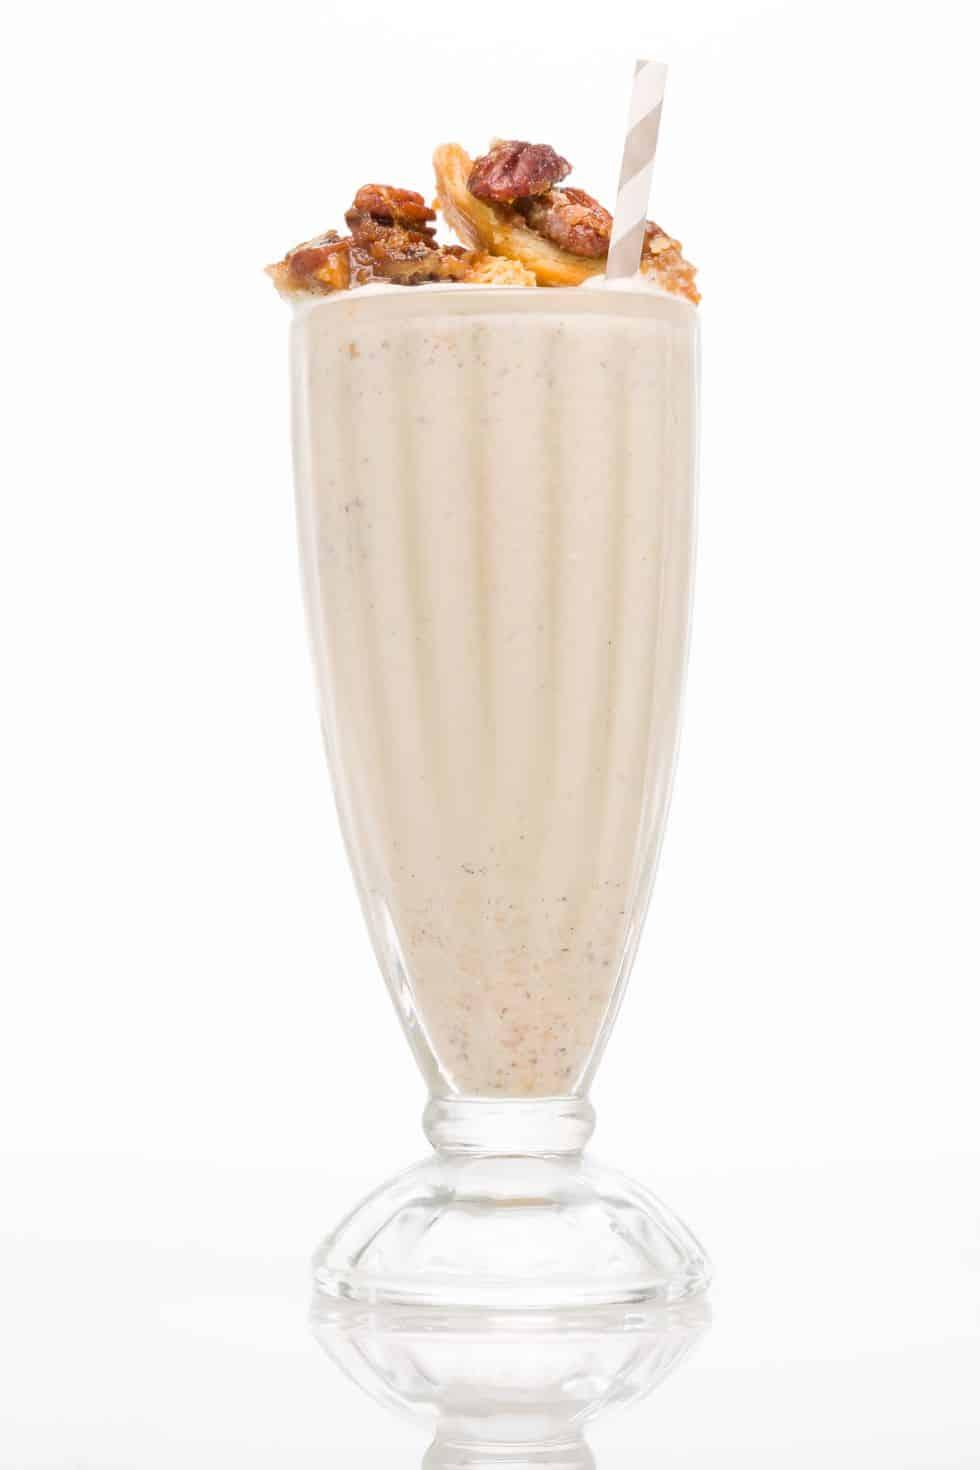 Pecan pie bourbon shake